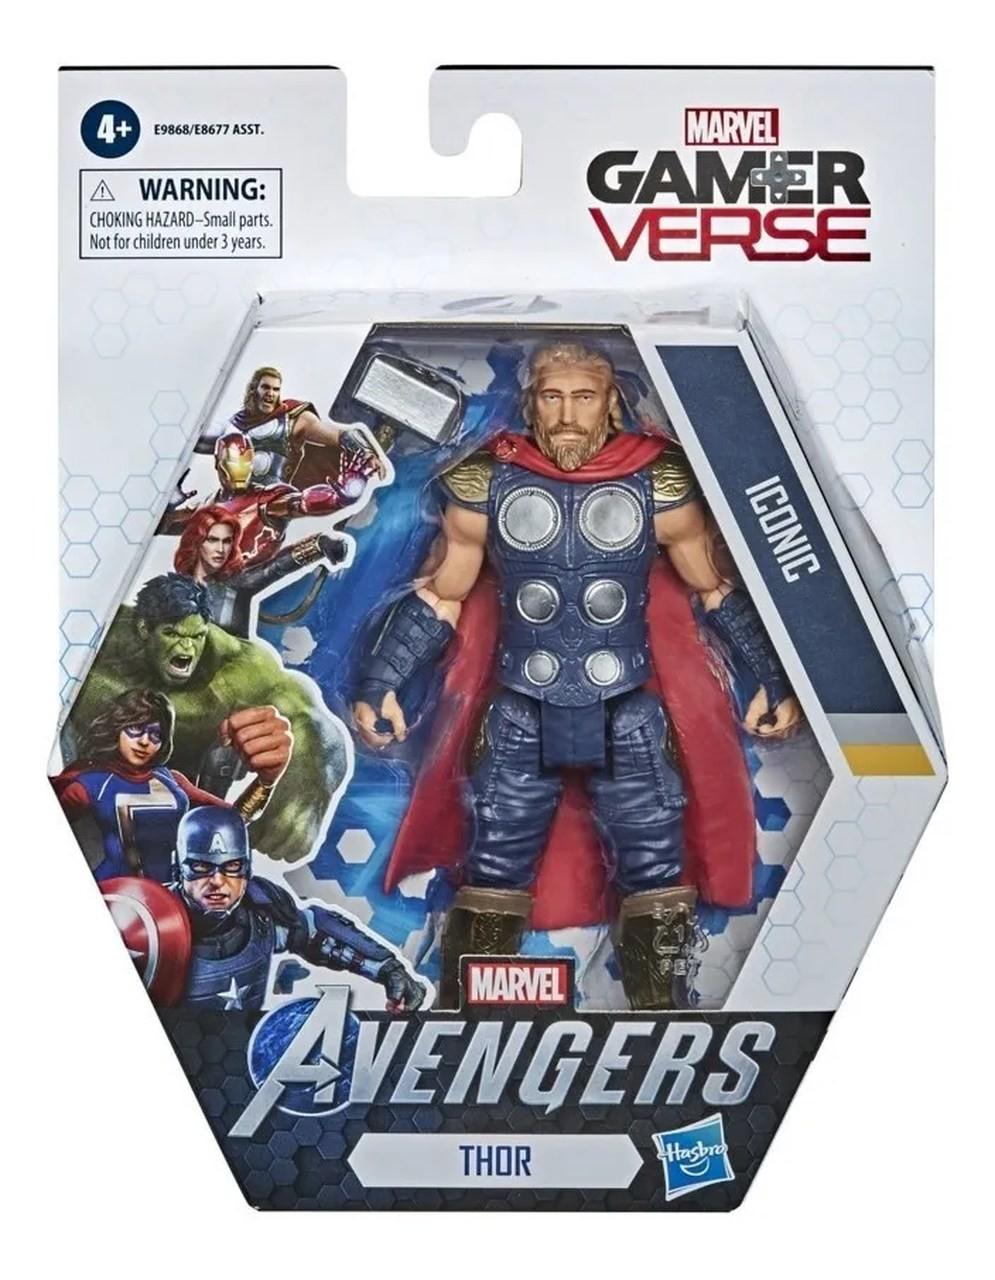 Boneco Vingadores Thor Game Verse - Hasbro E9868